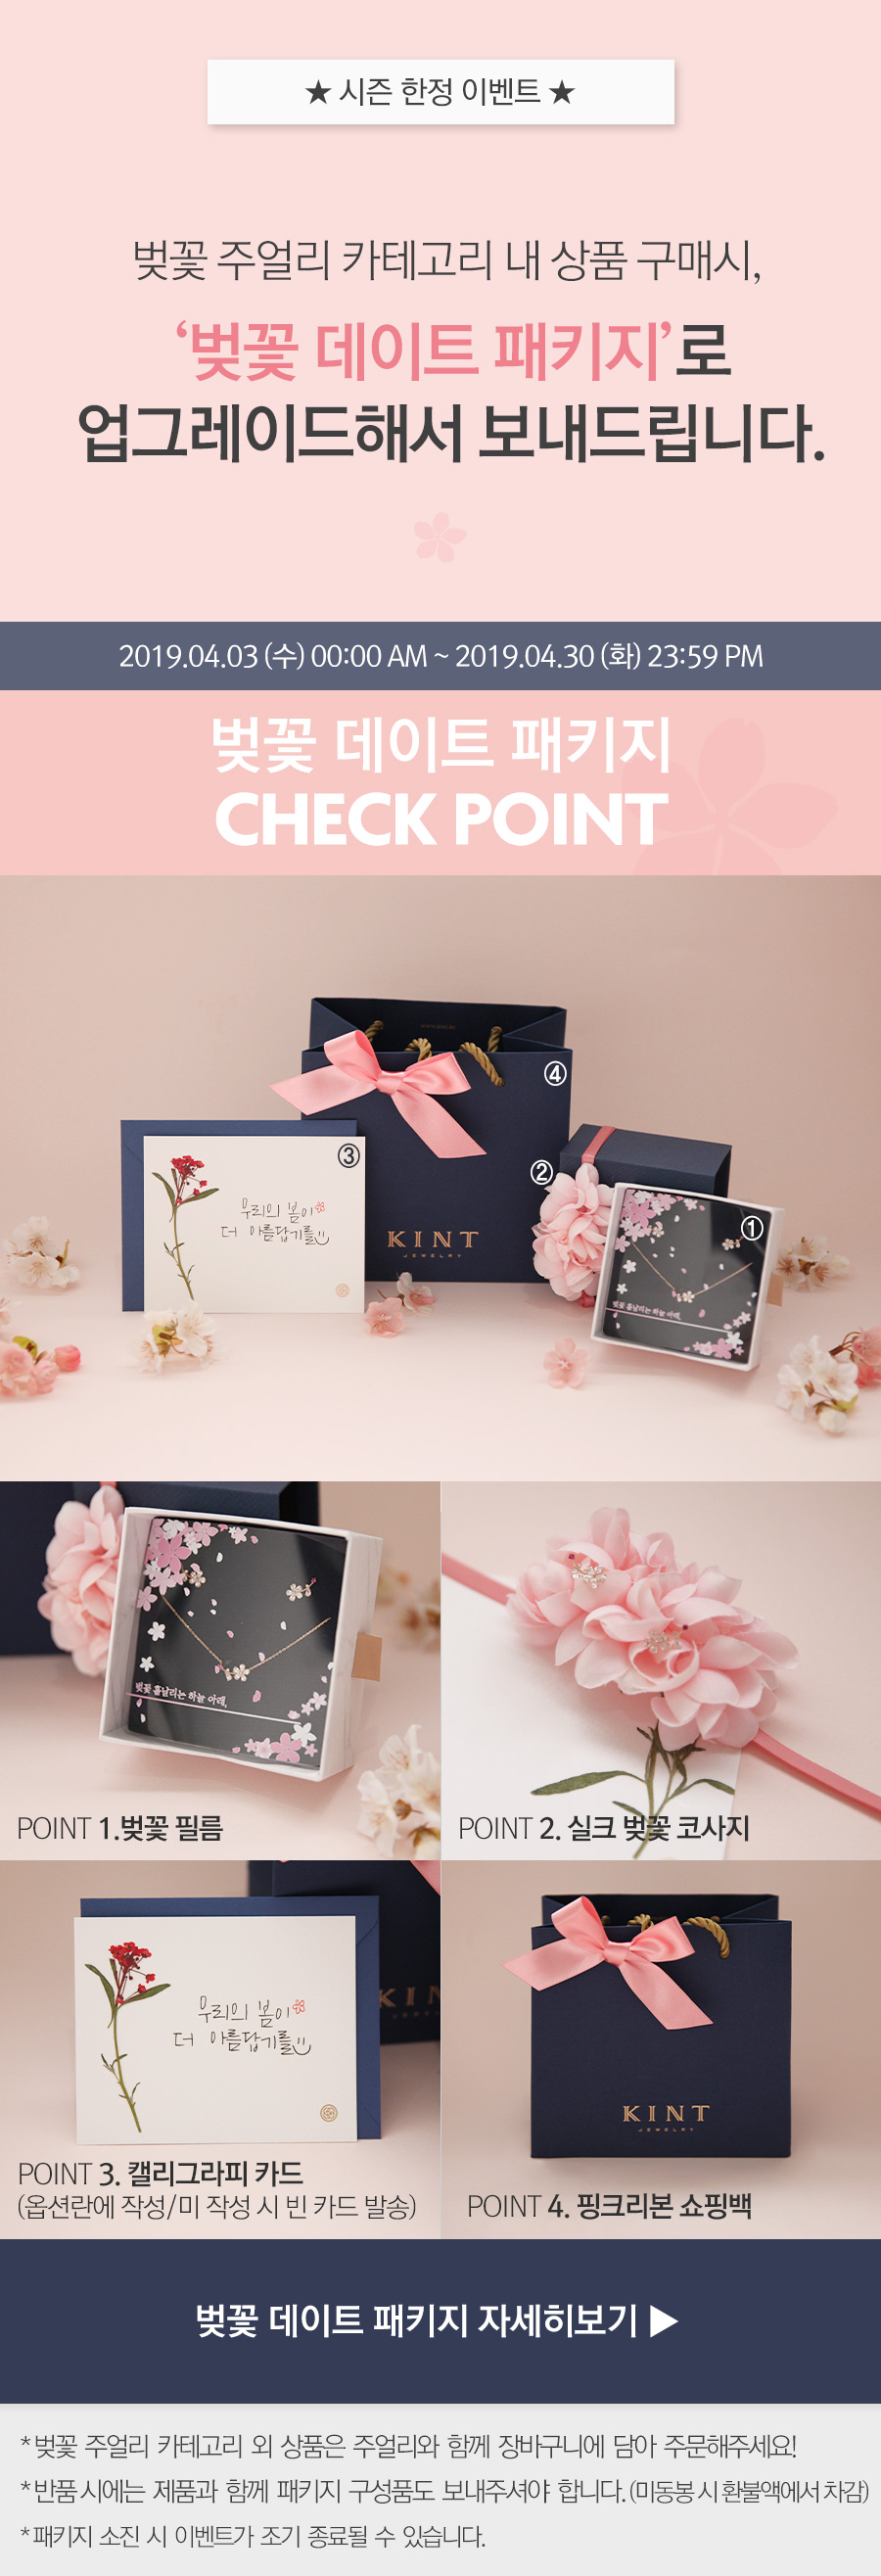 벚꽃 프로모션